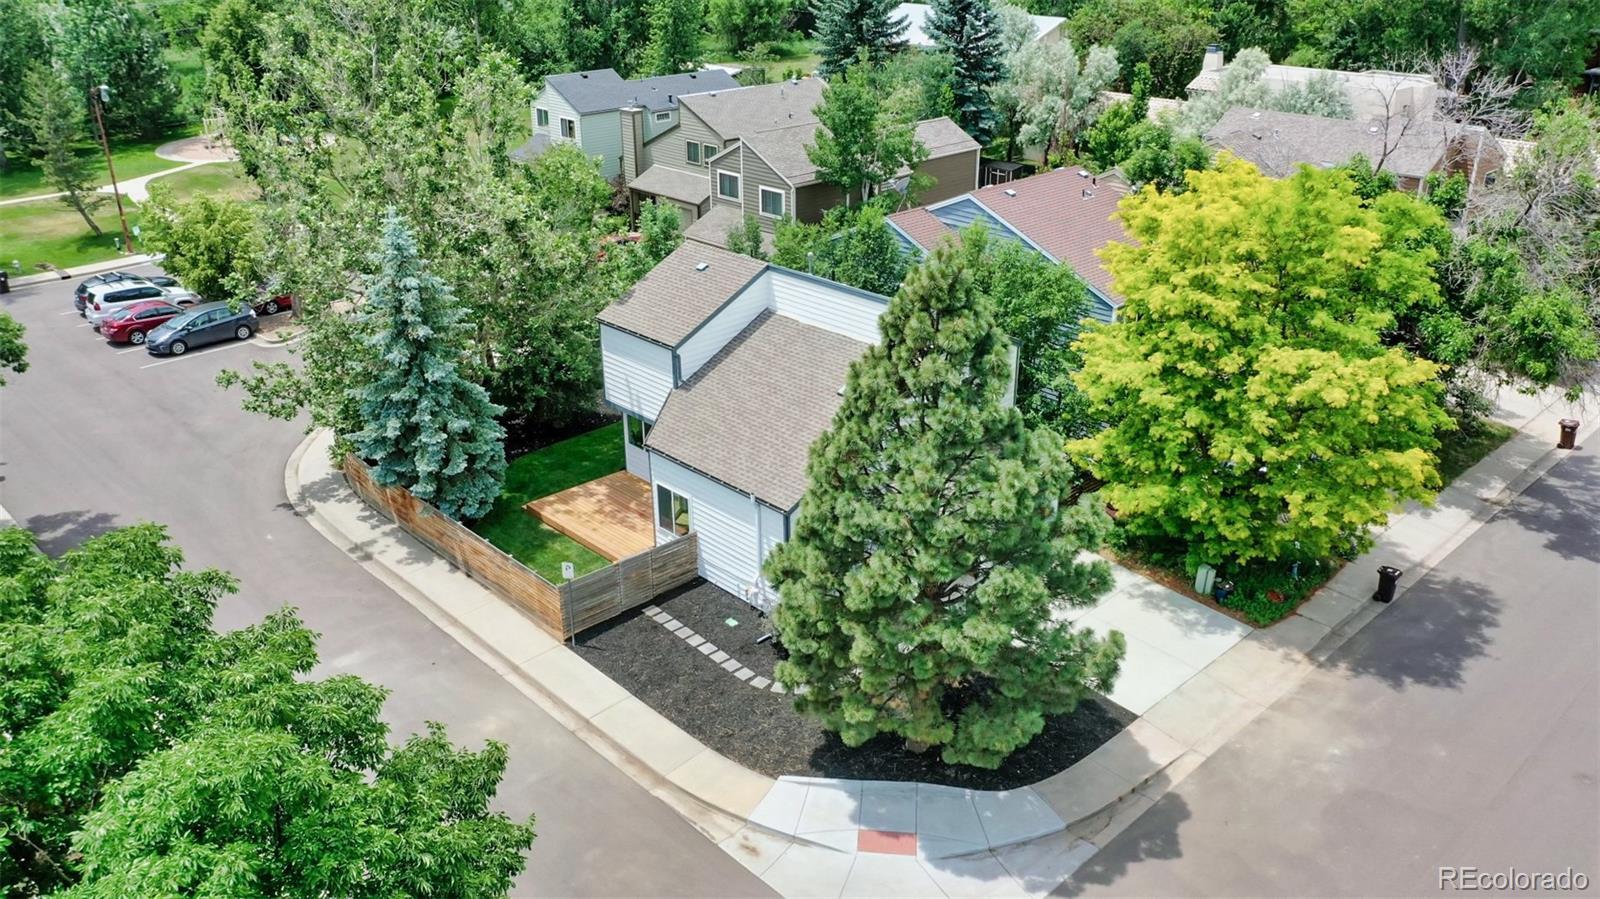 MLS# 4714153 - 27 - 4131 Amber Street, Boulder, CO 80304